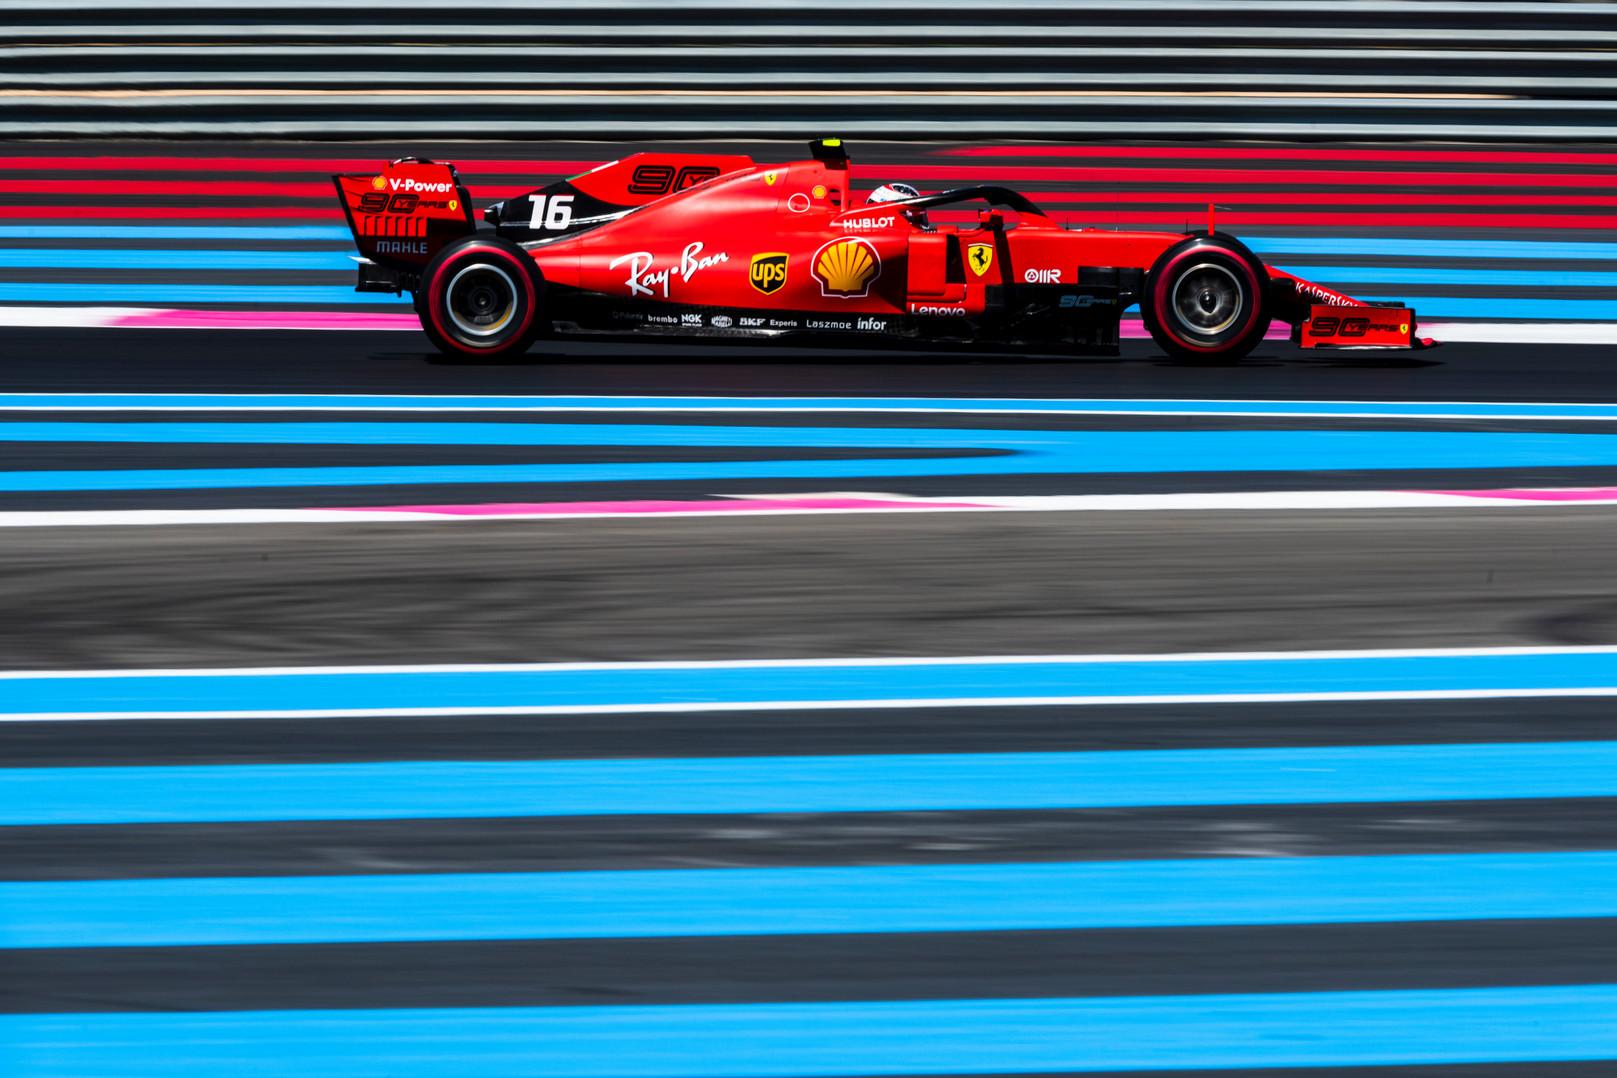 C. Leclercas kvalifikacijoje prašė, kad S. Vettelis važiuotų greičiau